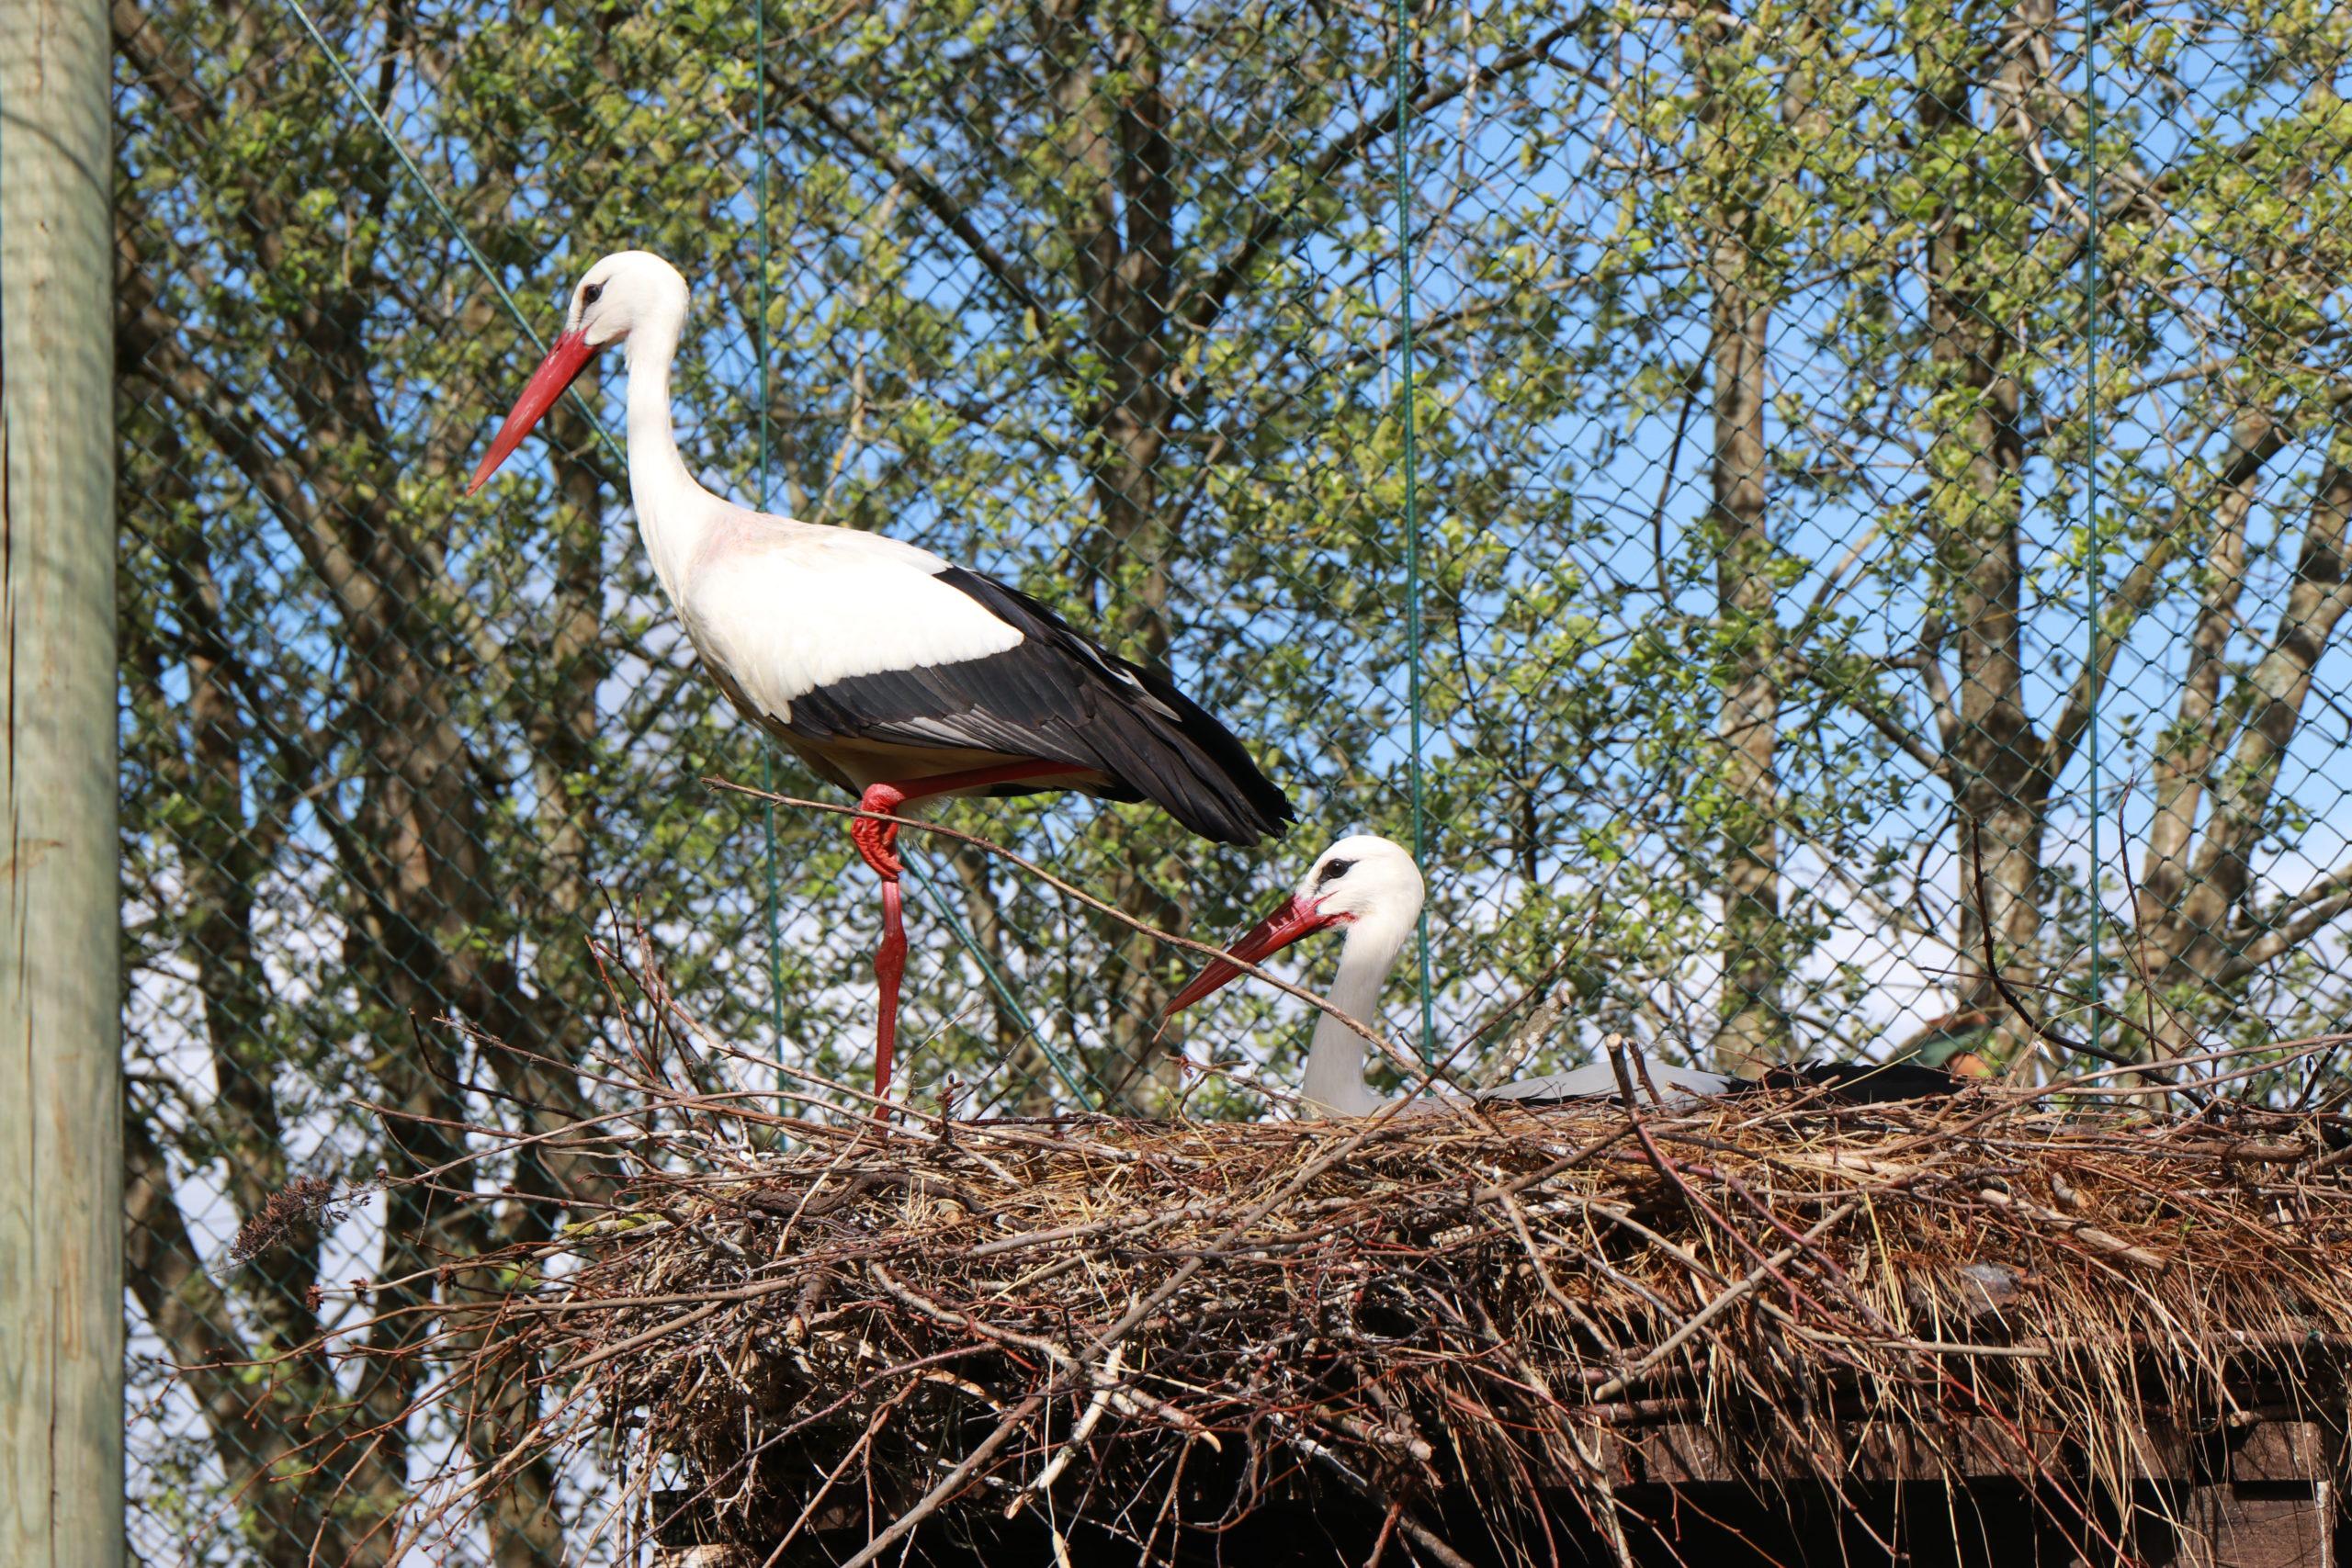 Medieninteresse an Storchenbabys groß: Die Störche Lotte und Bernie sitzen auf ihrem Nest und bewachen ihre Küken.